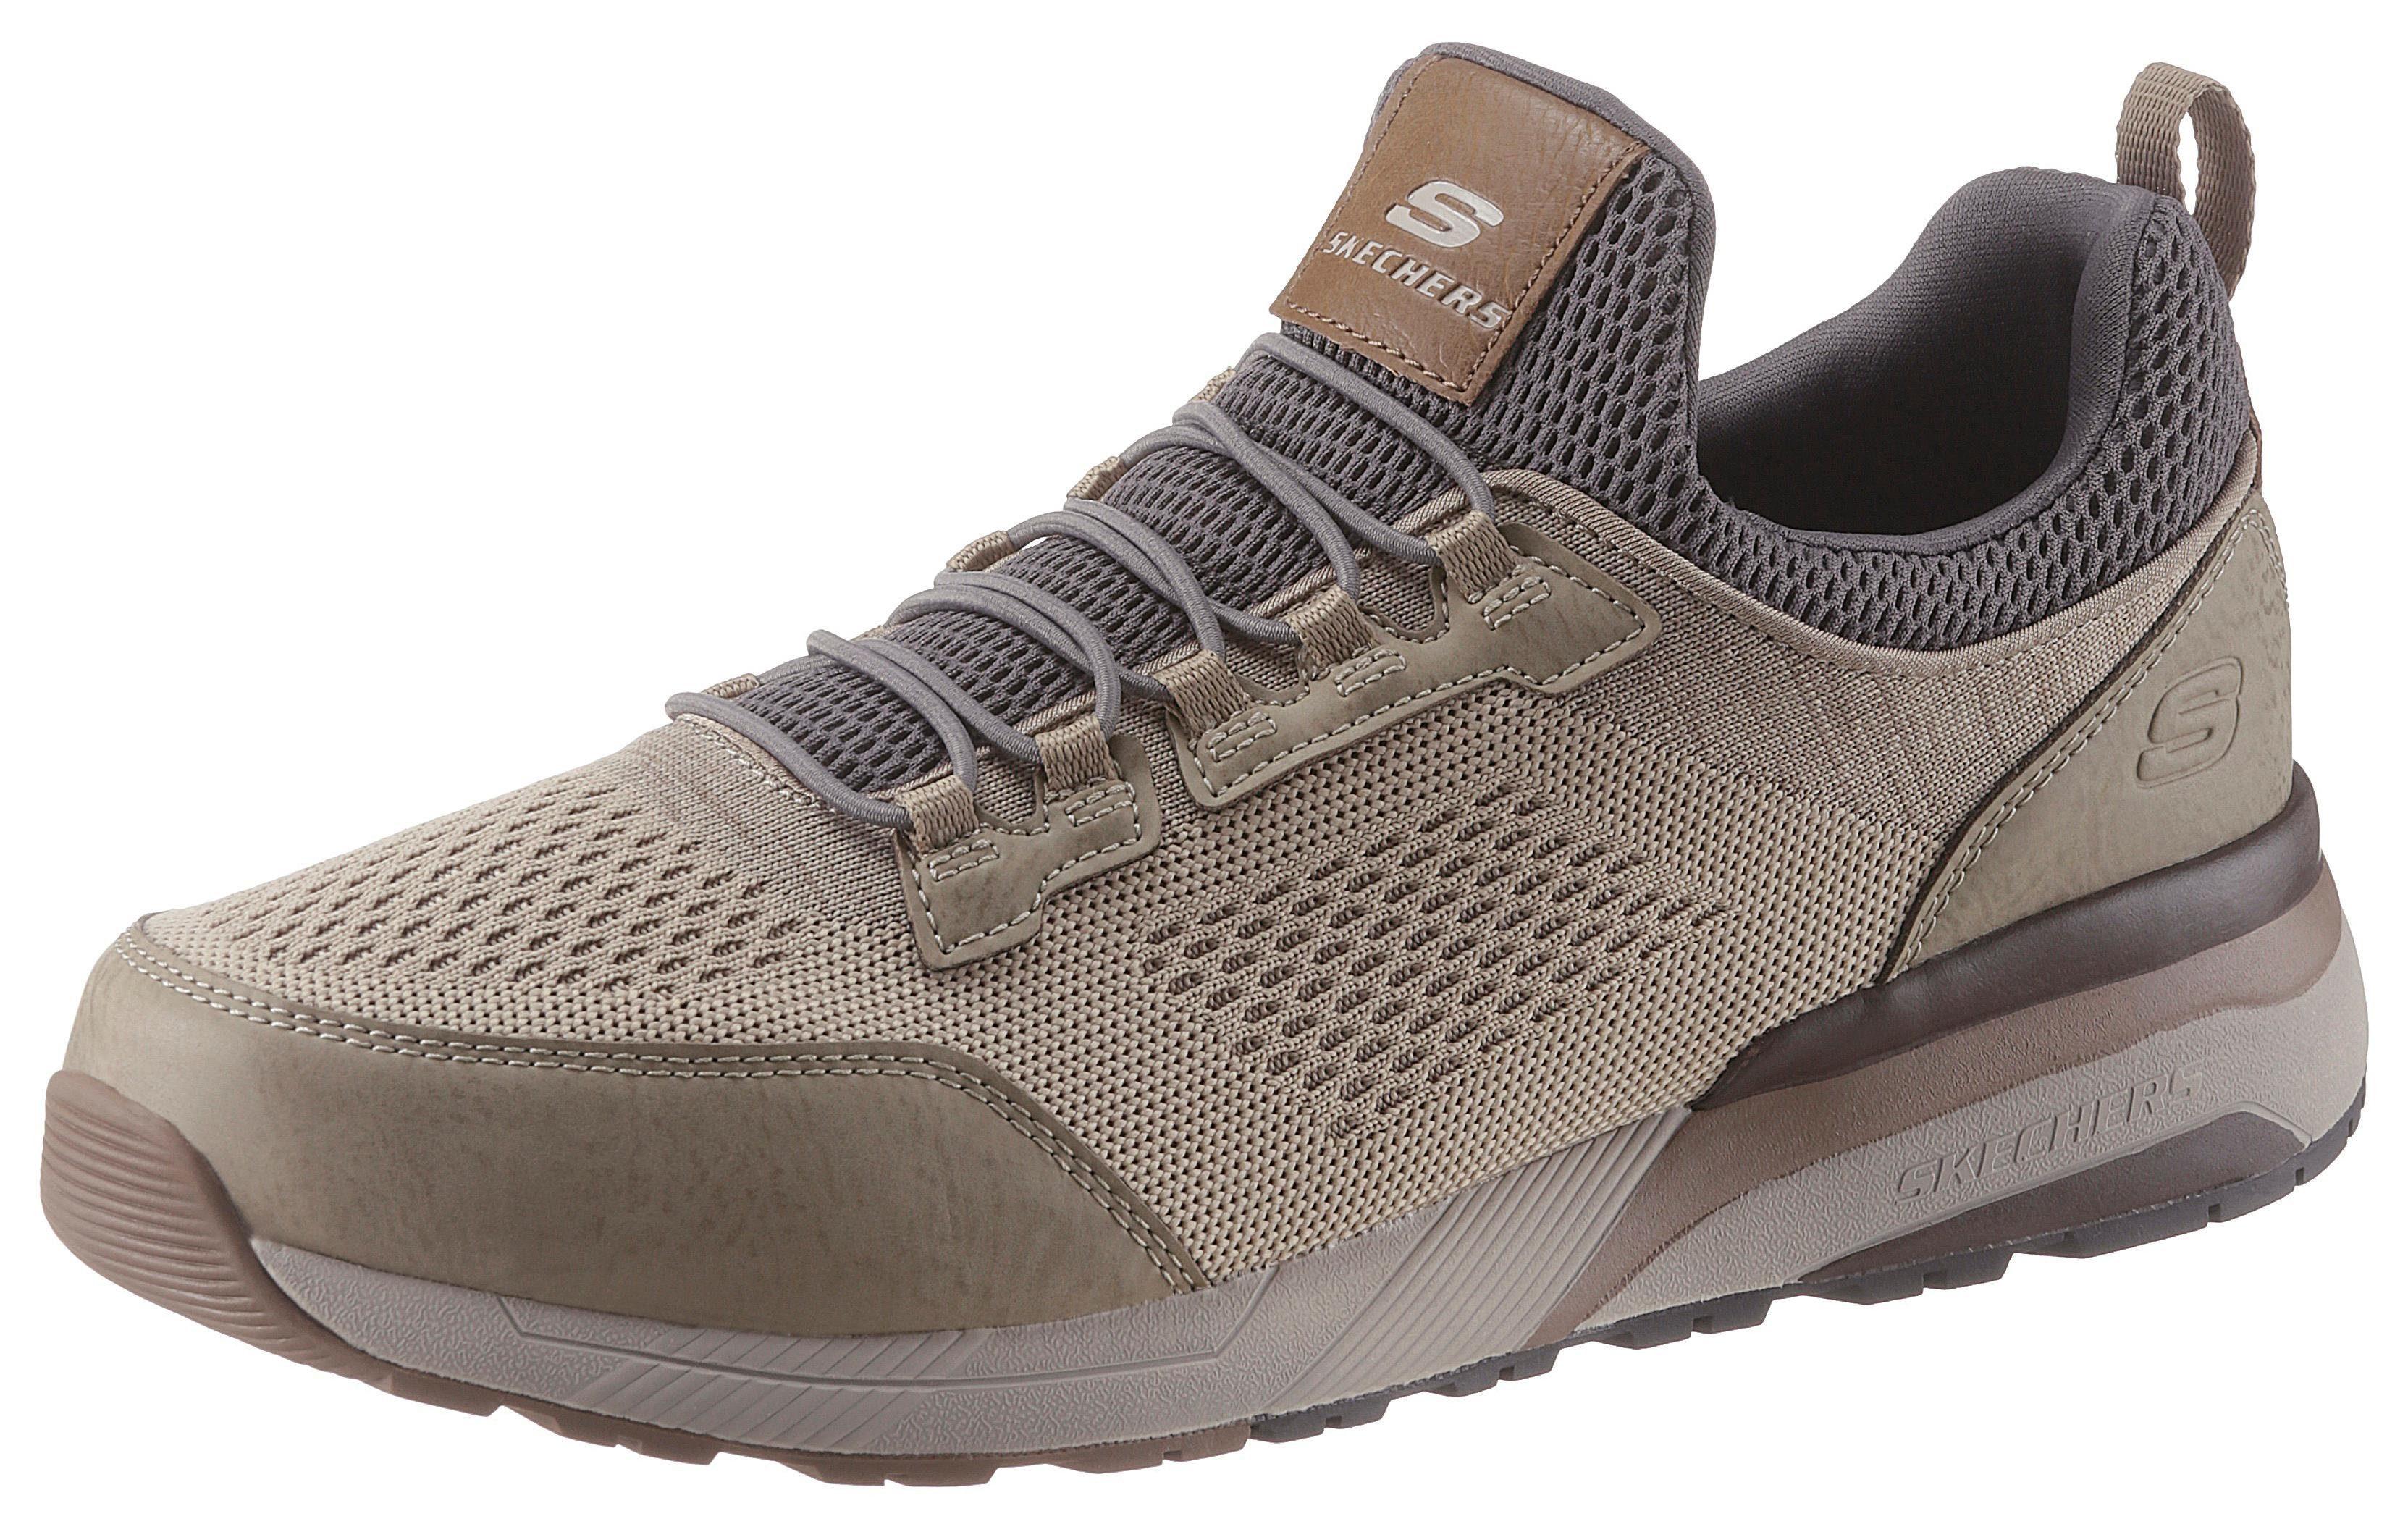 Skechers »Verrado« Sneaker mit Goga Mat Funktion